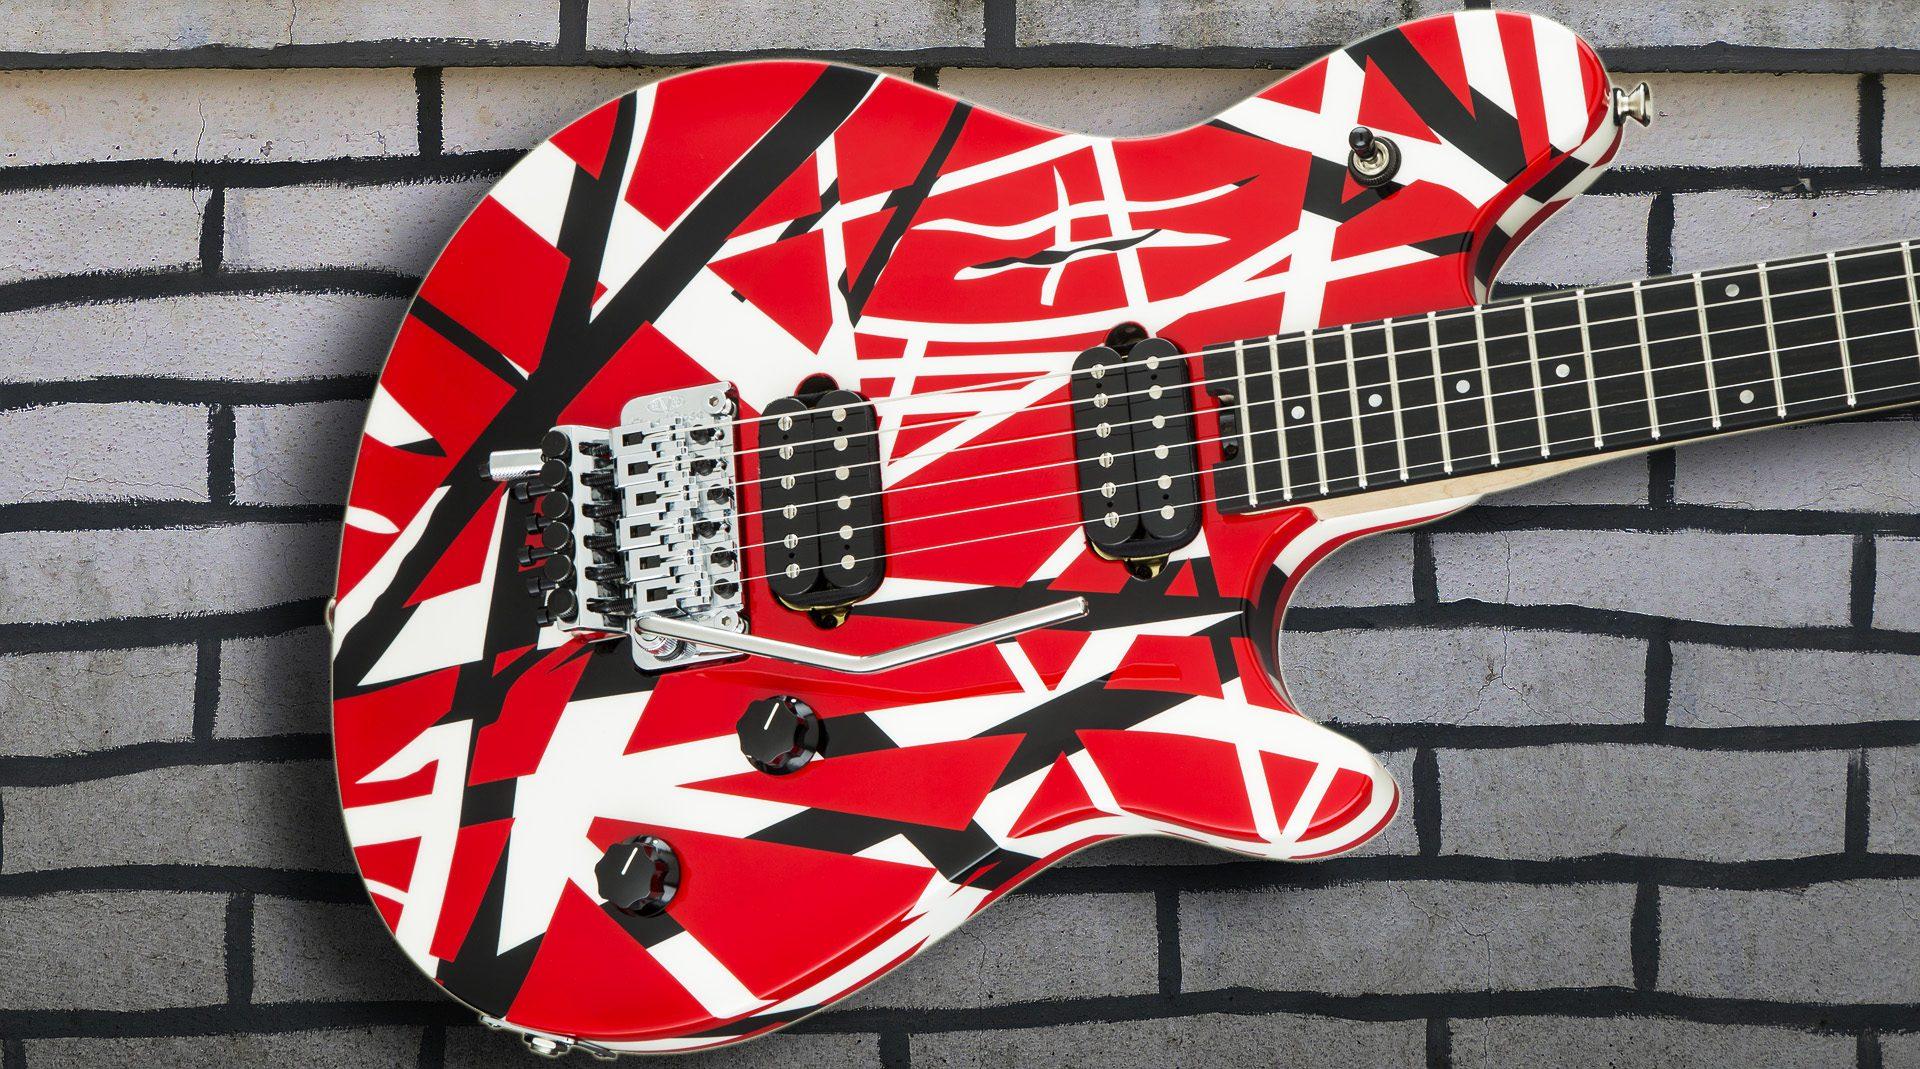 liebe ohne leiden gitarrenakkorde